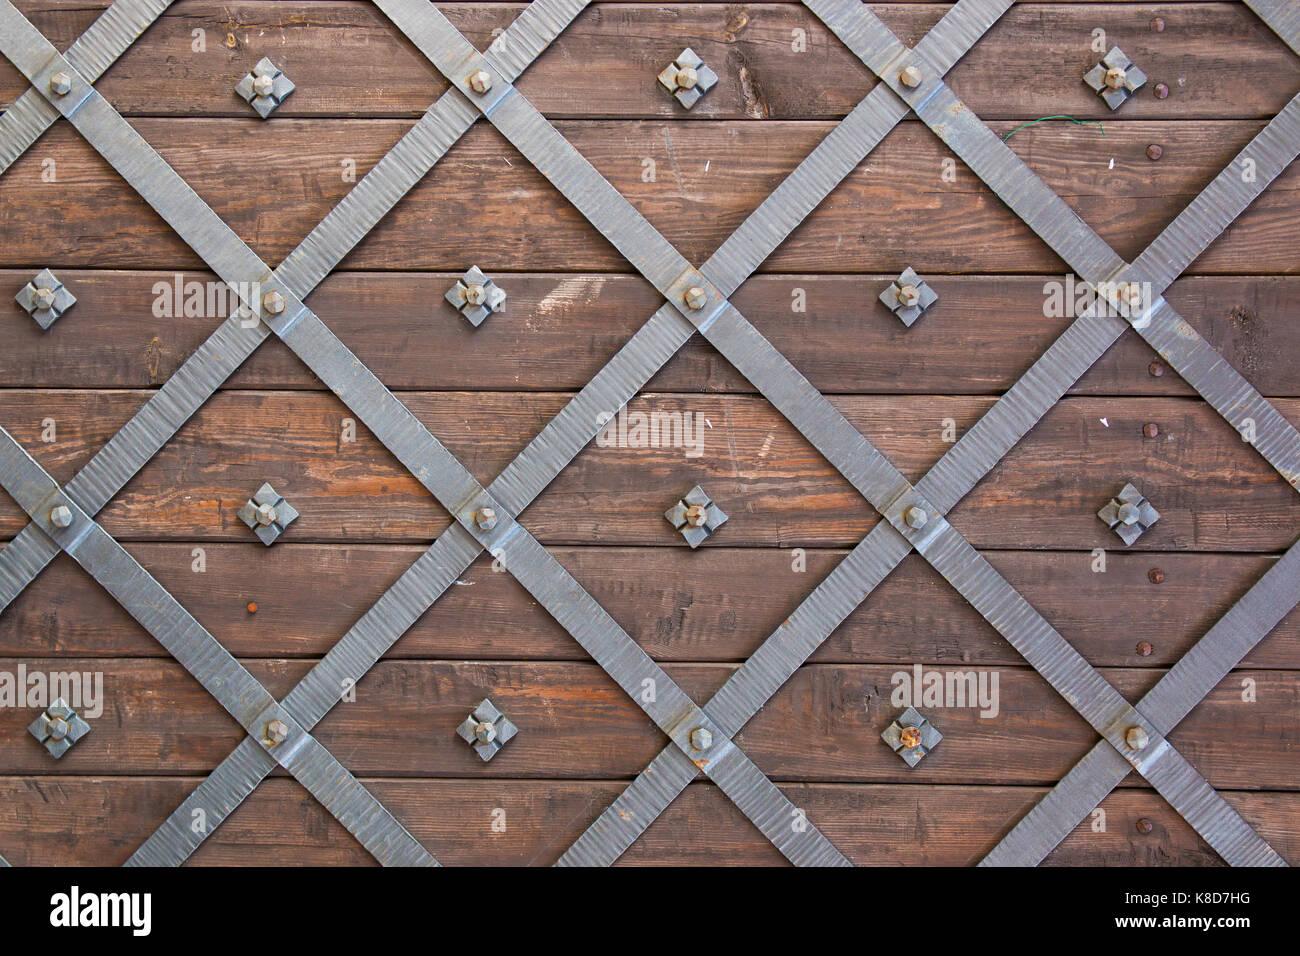 Old castle door texture with faded wood and metal - Stock Image & Metal Castle Door Stock Photos \u0026 Metal Castle Door Stock Images - Alamy